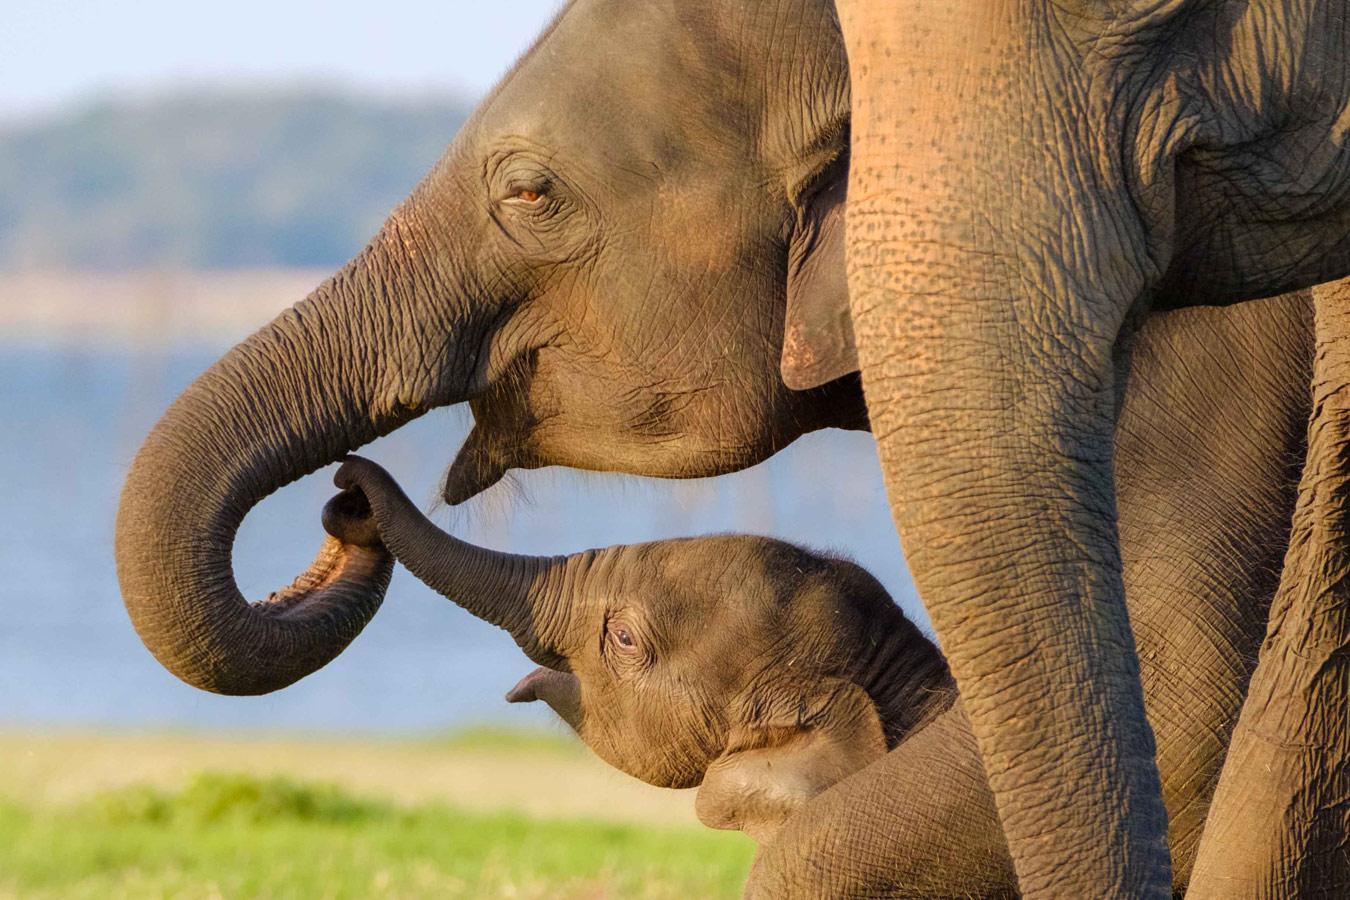 Родительская любовь, Шри-Ланка, © Шин Окамото, Токио, Япония, Награда Lumix, Фотоконкурс «Лучшая природная фотография Азии»